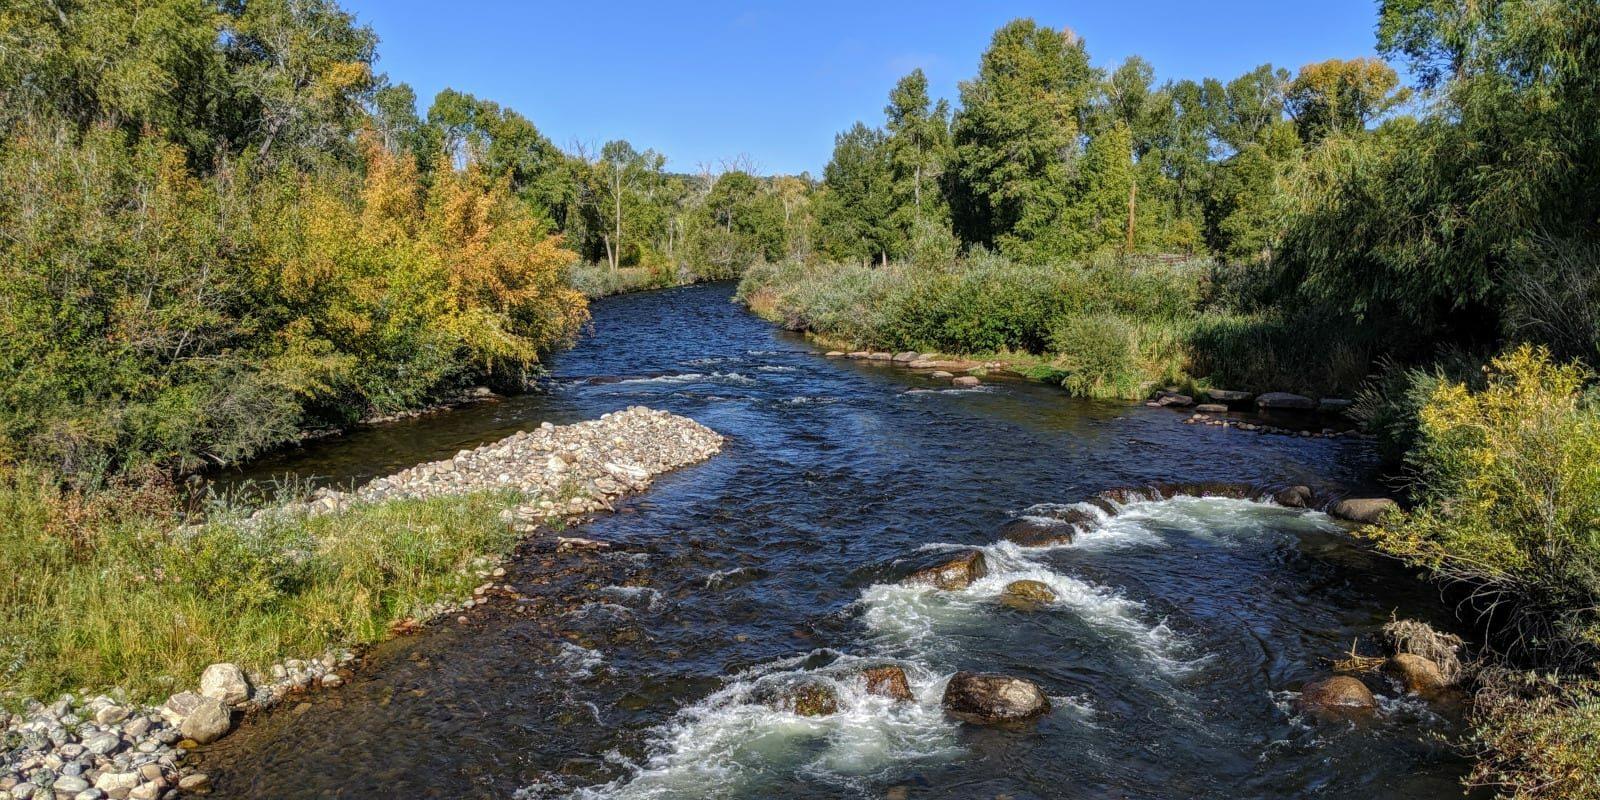 Image of the Los Pinos river looking north in Colorado